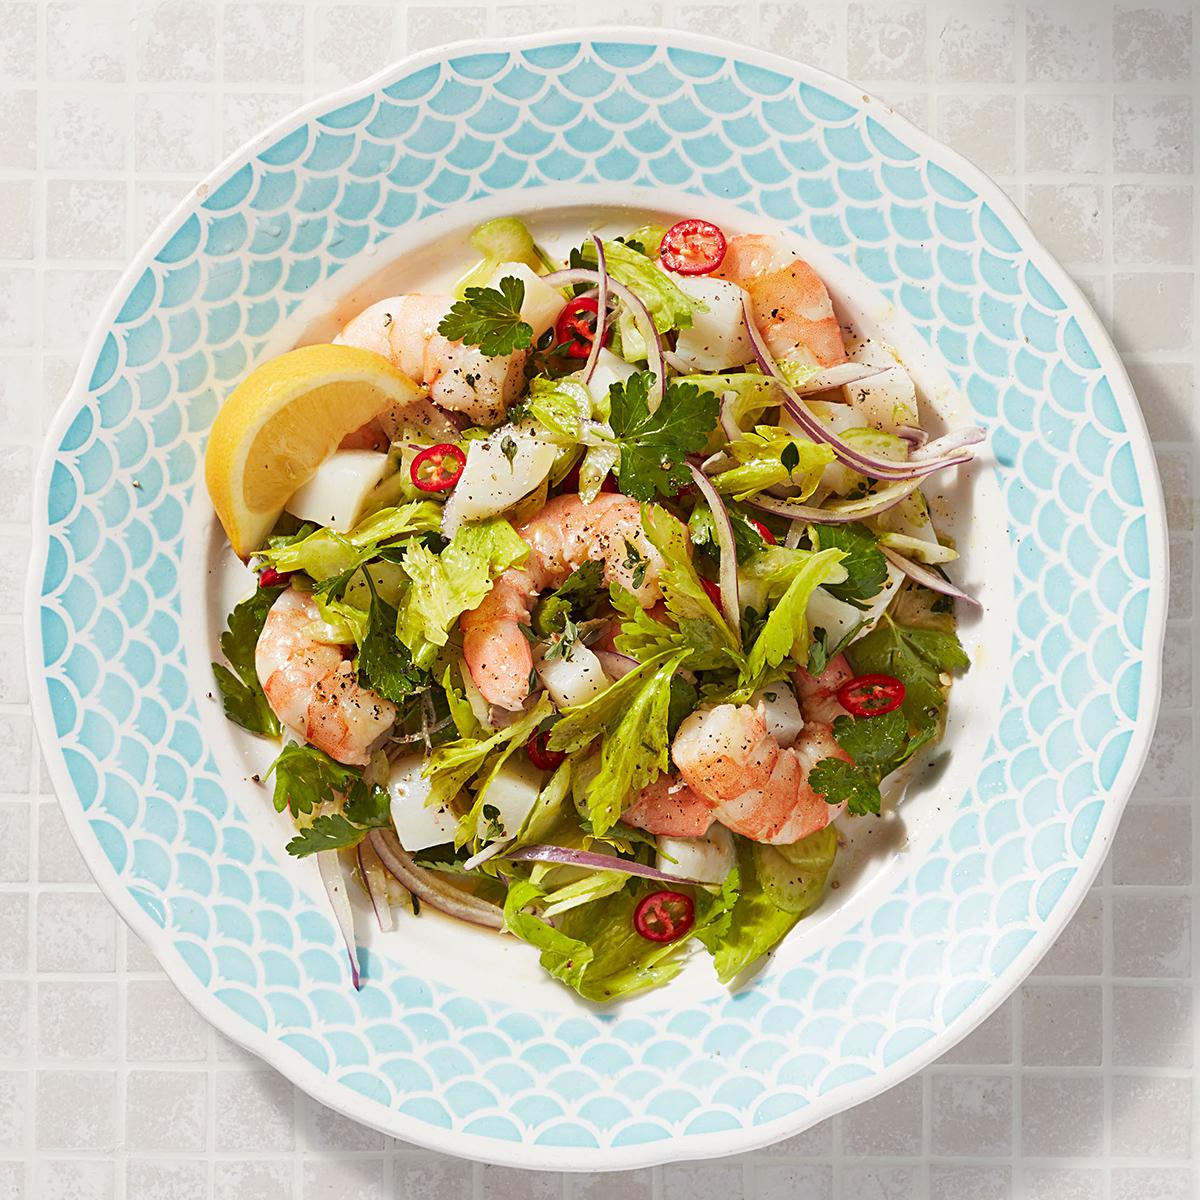 Capri-Style Seafood Salad